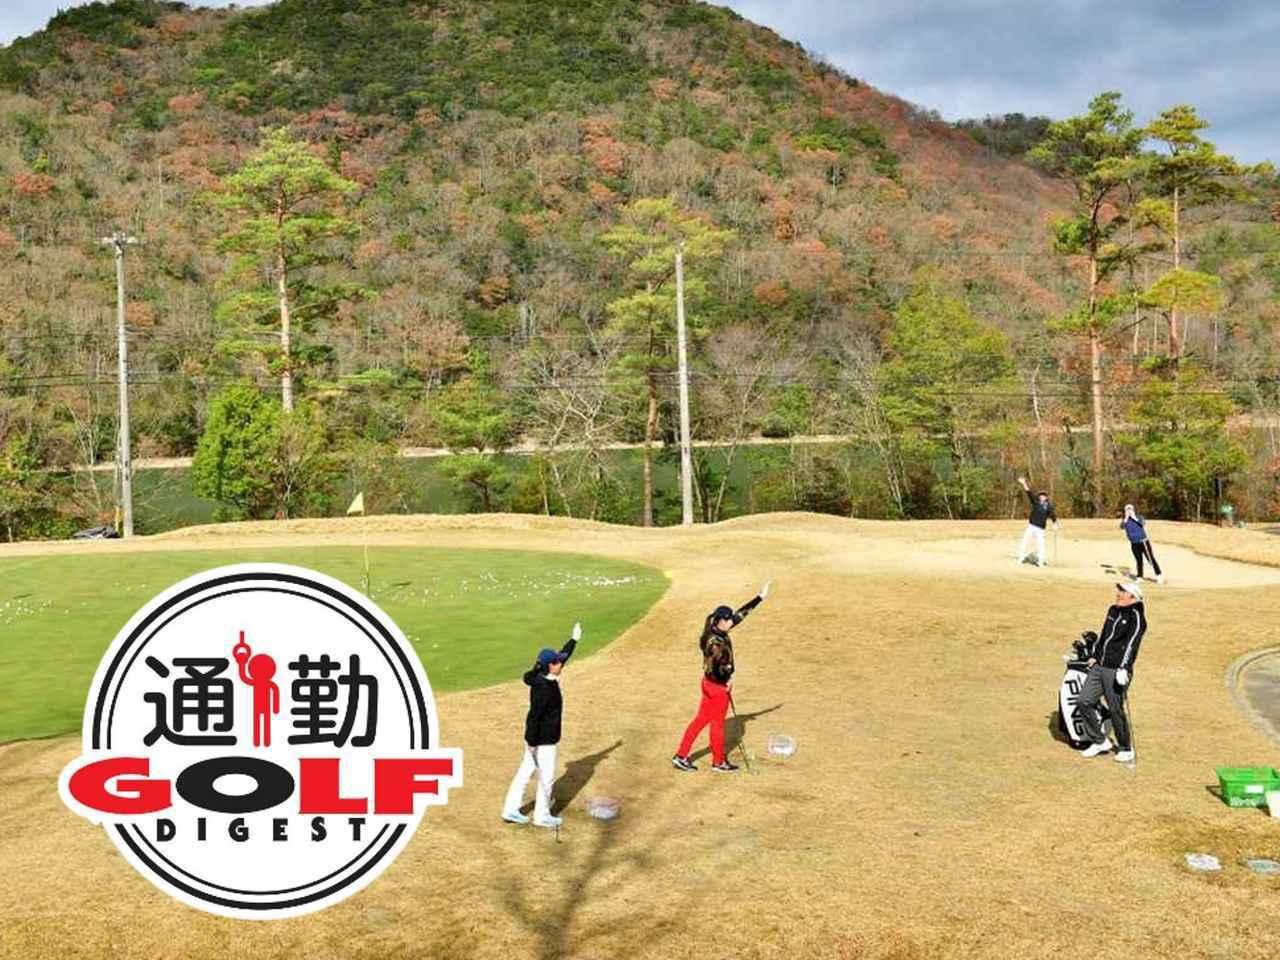 画像: 【通勤GD】メジャーチャンプコーチ青木翔の「笑顔のレシピ」Vol.8 考えや思いを言葉にしてみると課題が見えてくる ゴルフダイジェストWEB - ゴルフへ行こうWEB by ゴルフダイジェスト